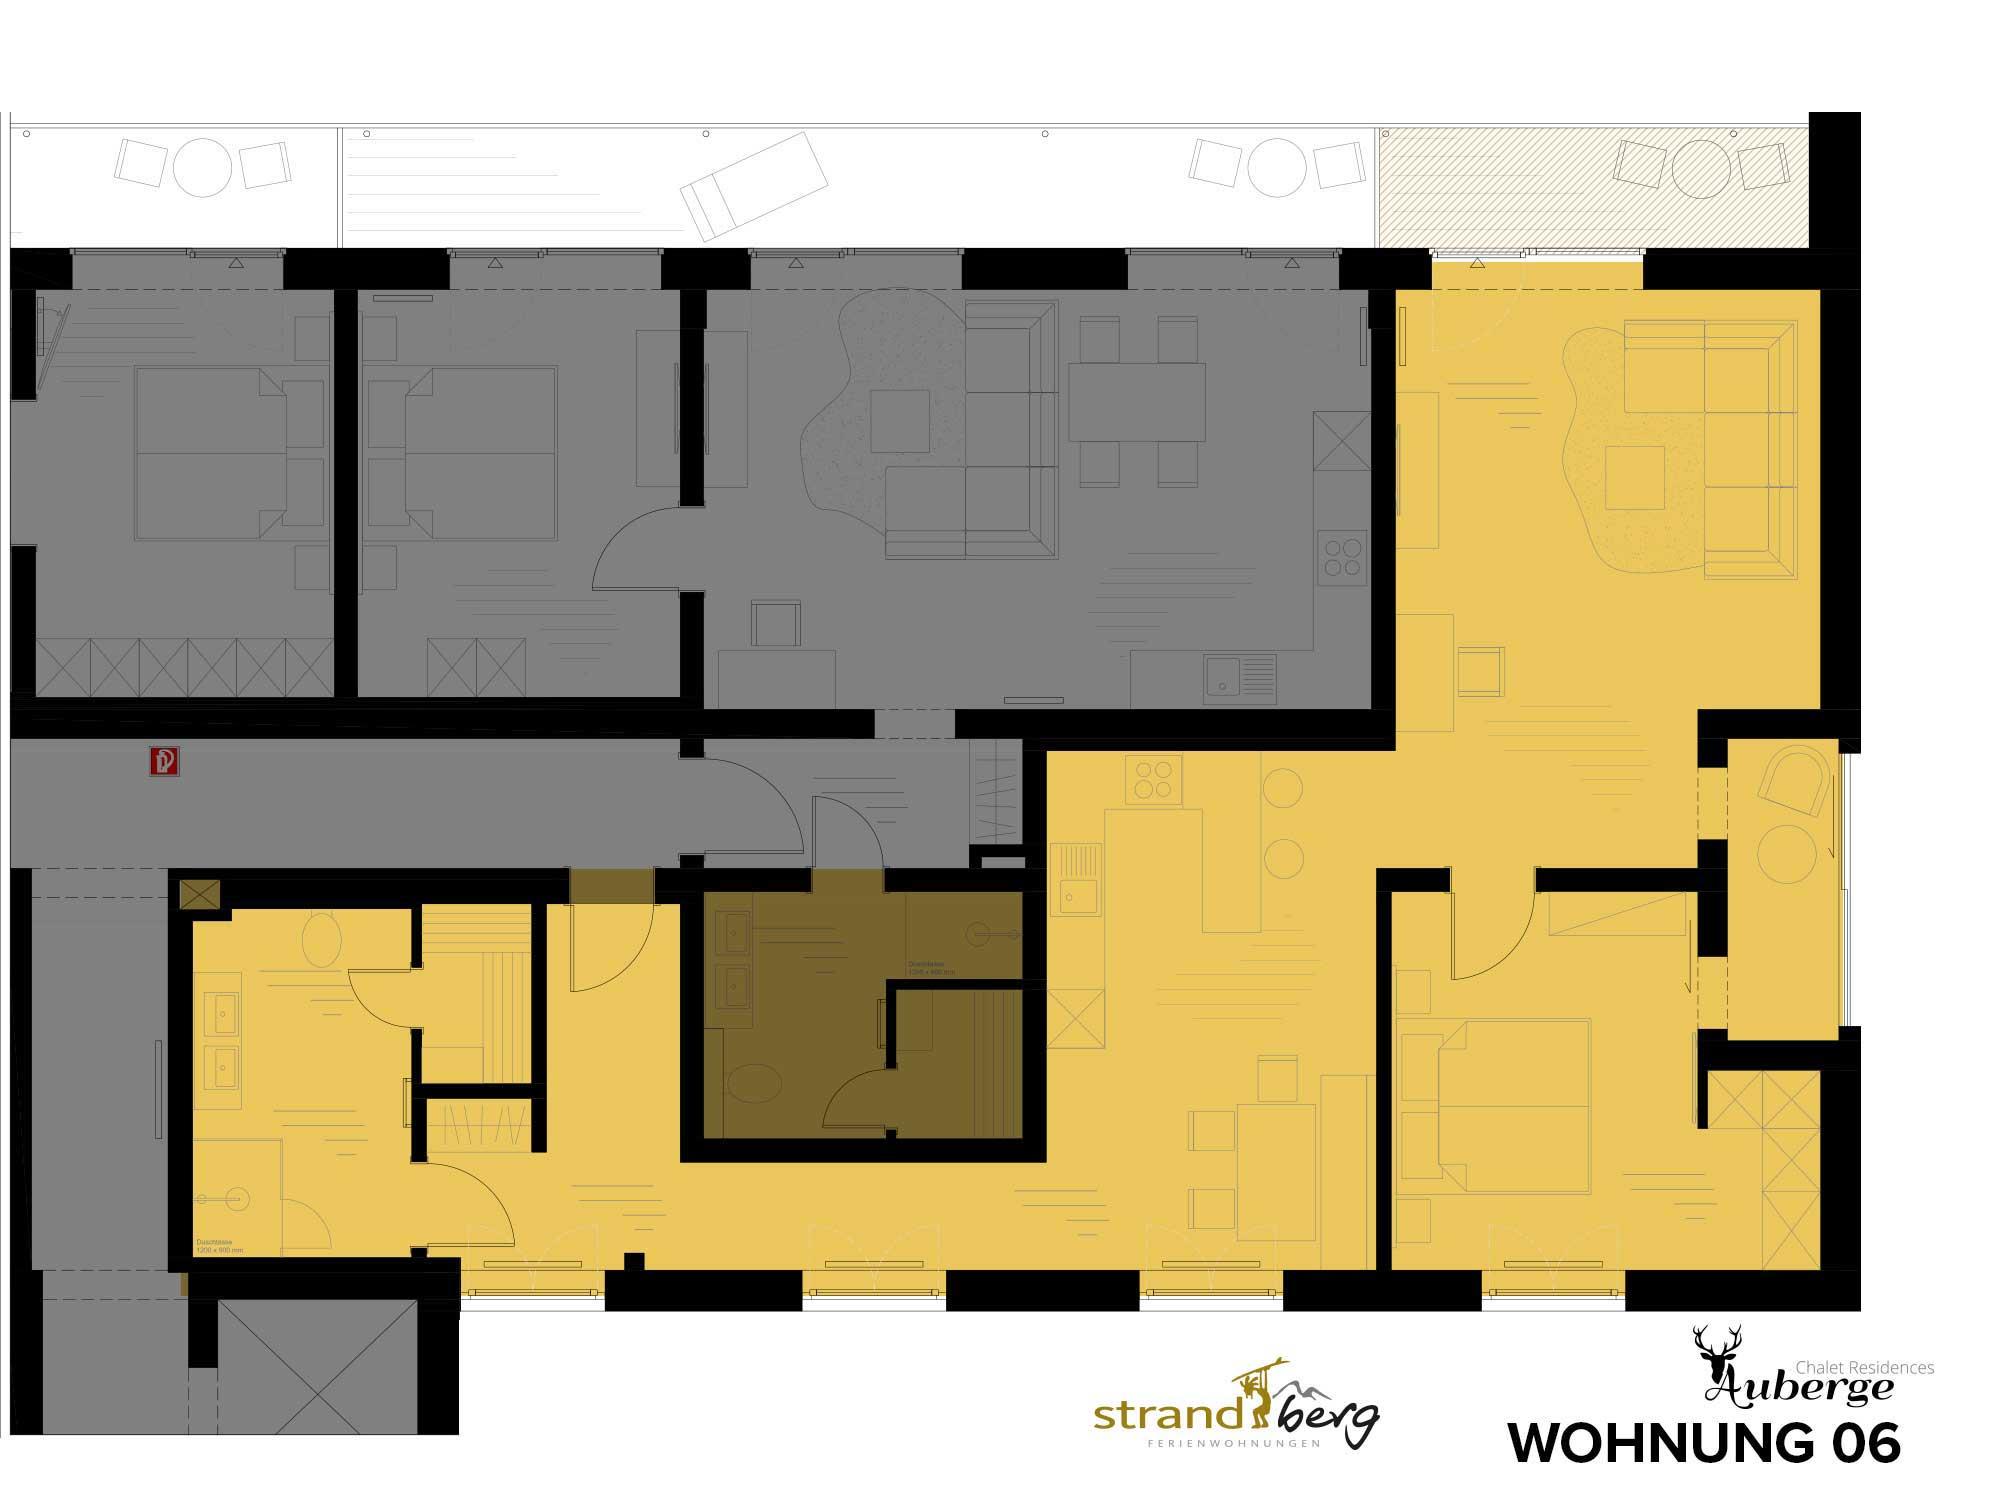 Wohnung 06 Grundriss